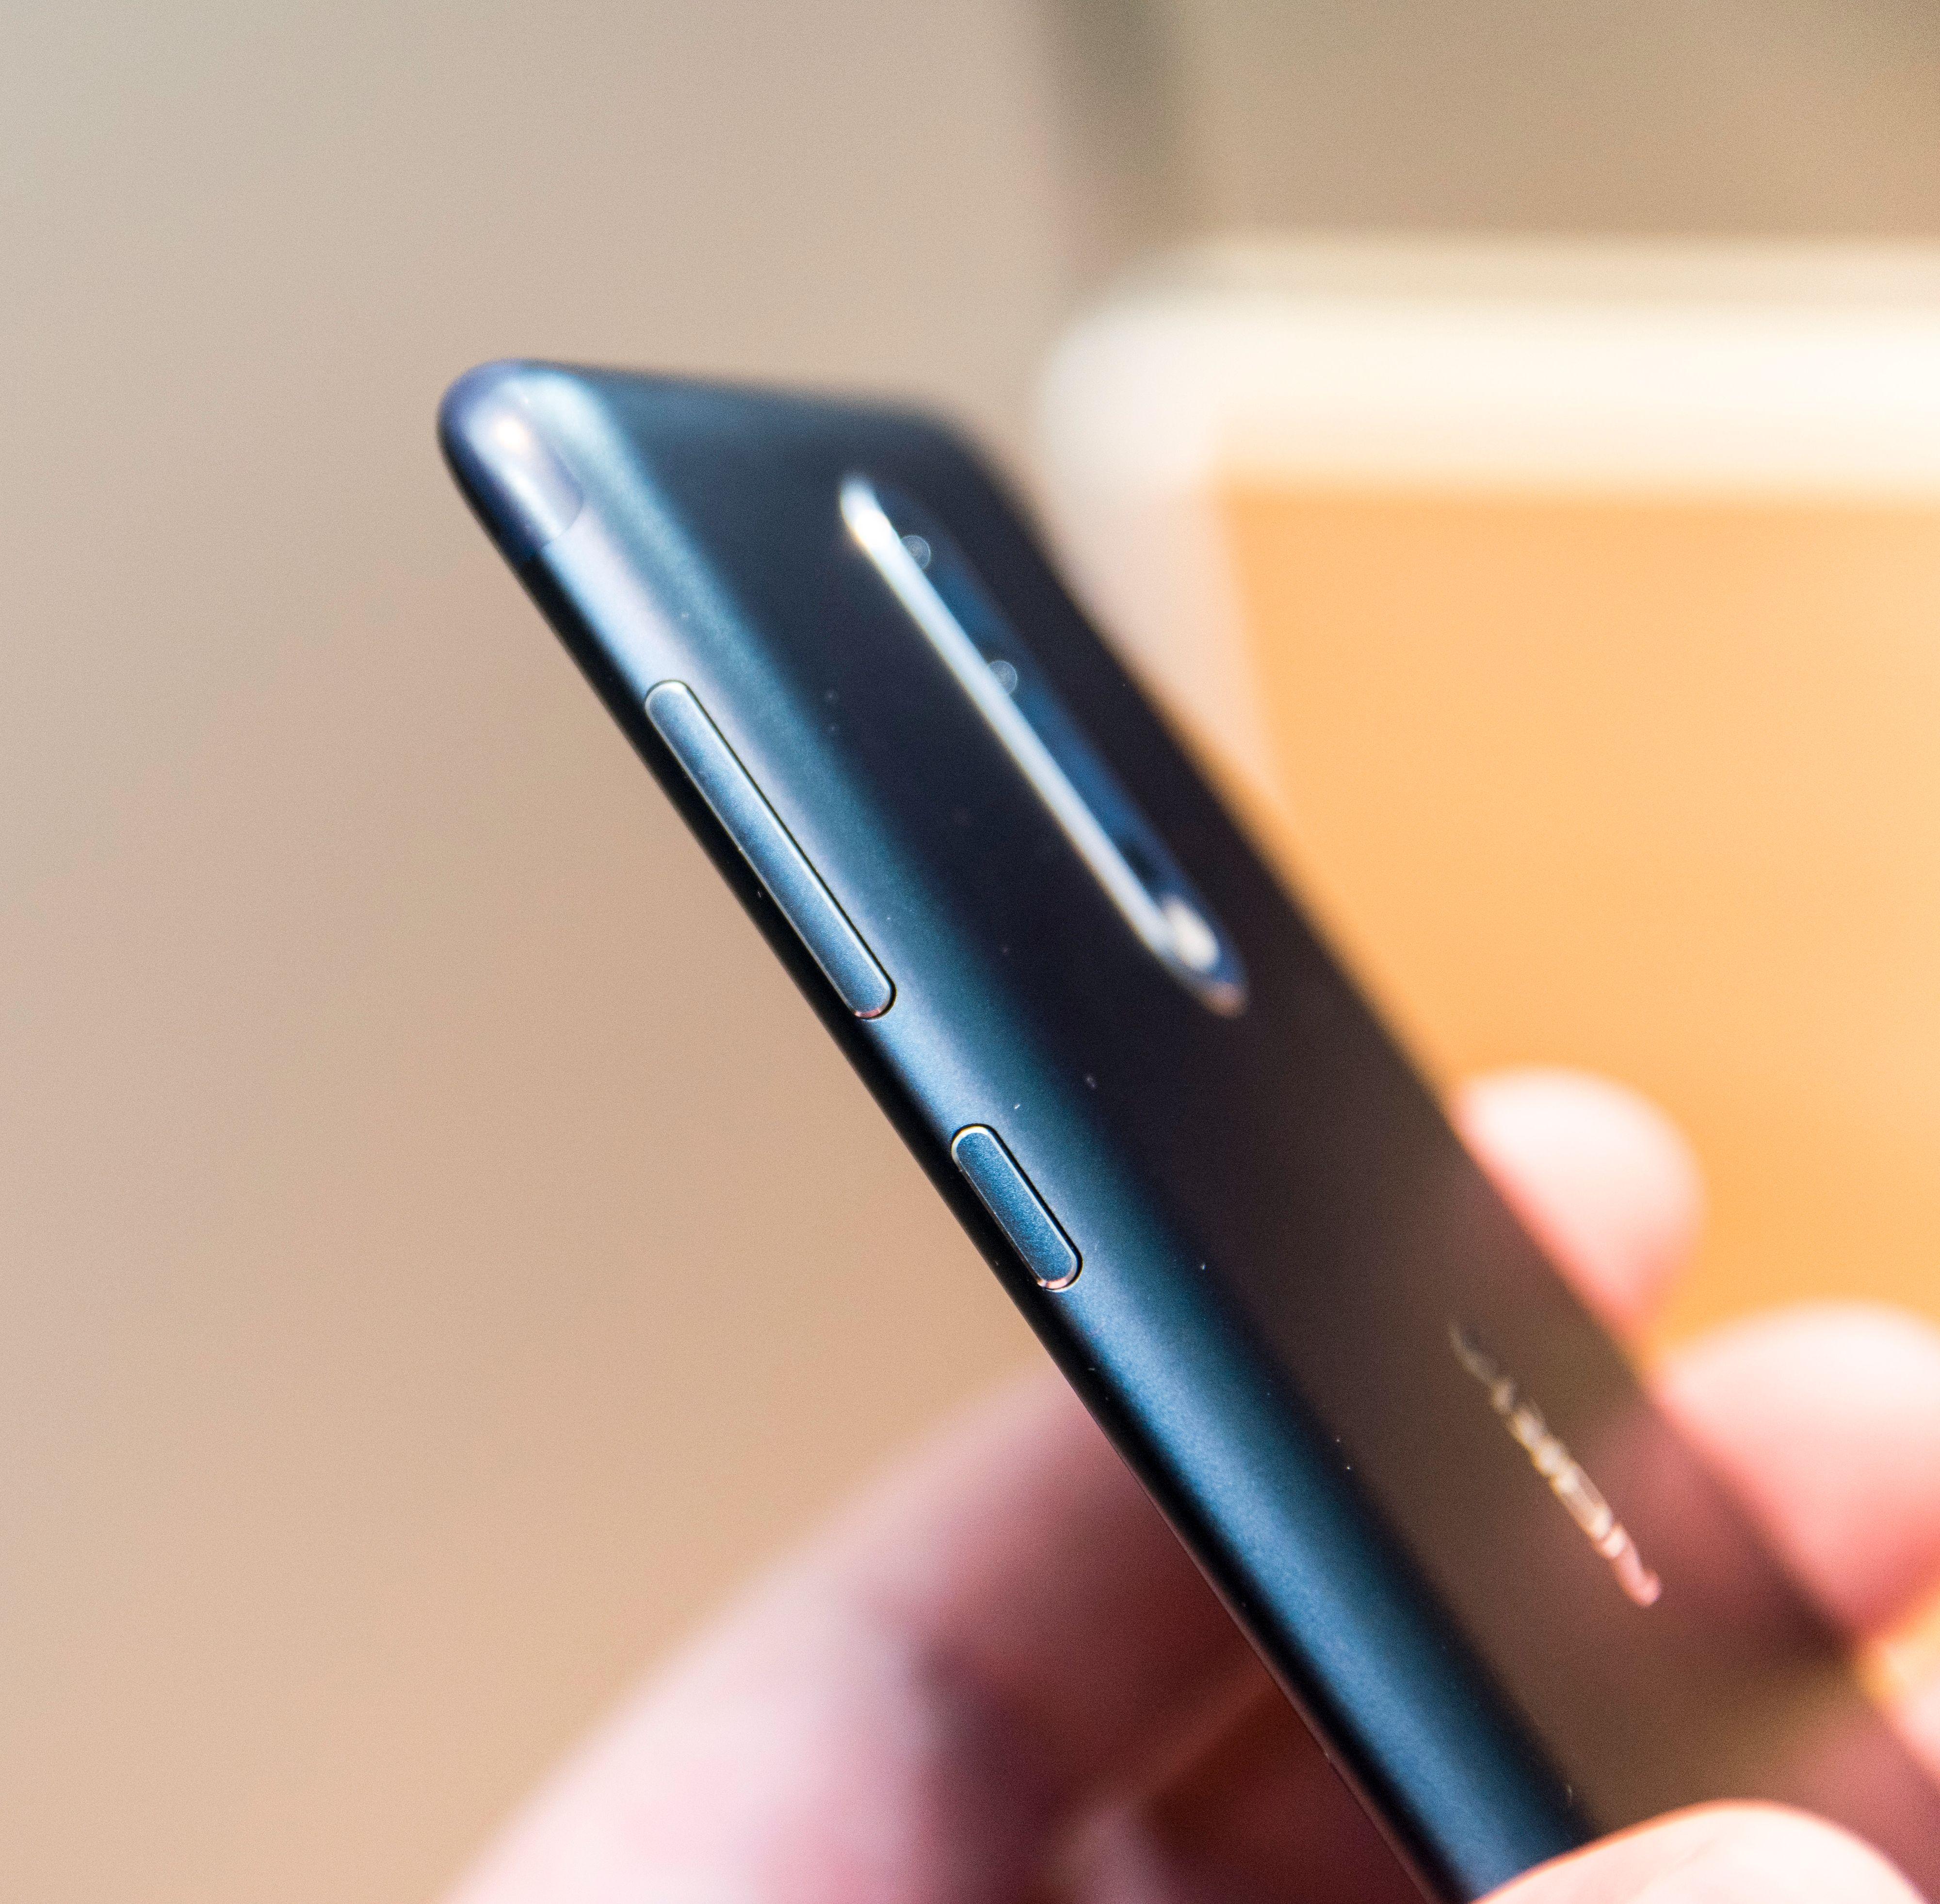 Kun tre fysiske knapper - volumknappene og låsetasten. På forsiden er det berøringsfelt for de vanlige snarveiene. Som på HTC er tilbakefeltet på venstre side av fingerleseren.